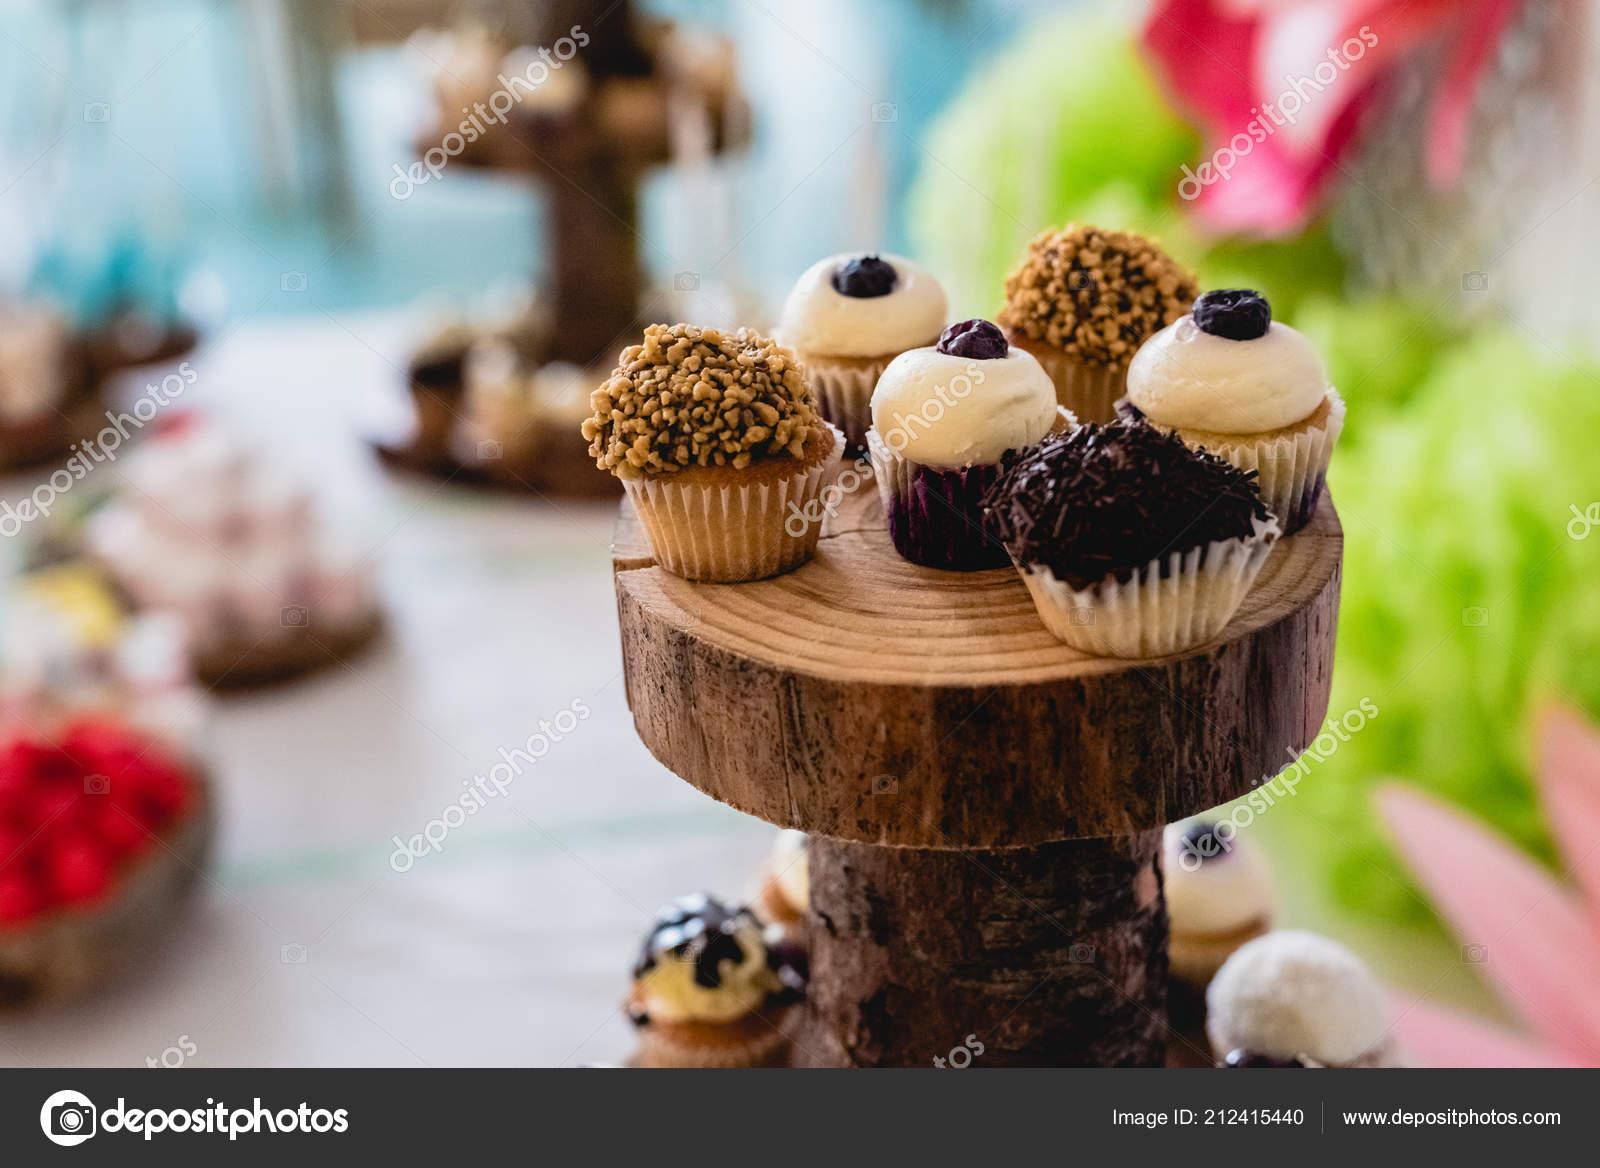 Desserts Und Hochzeitstorte Mit Sehr Sussen Cupcakes Bei Einer